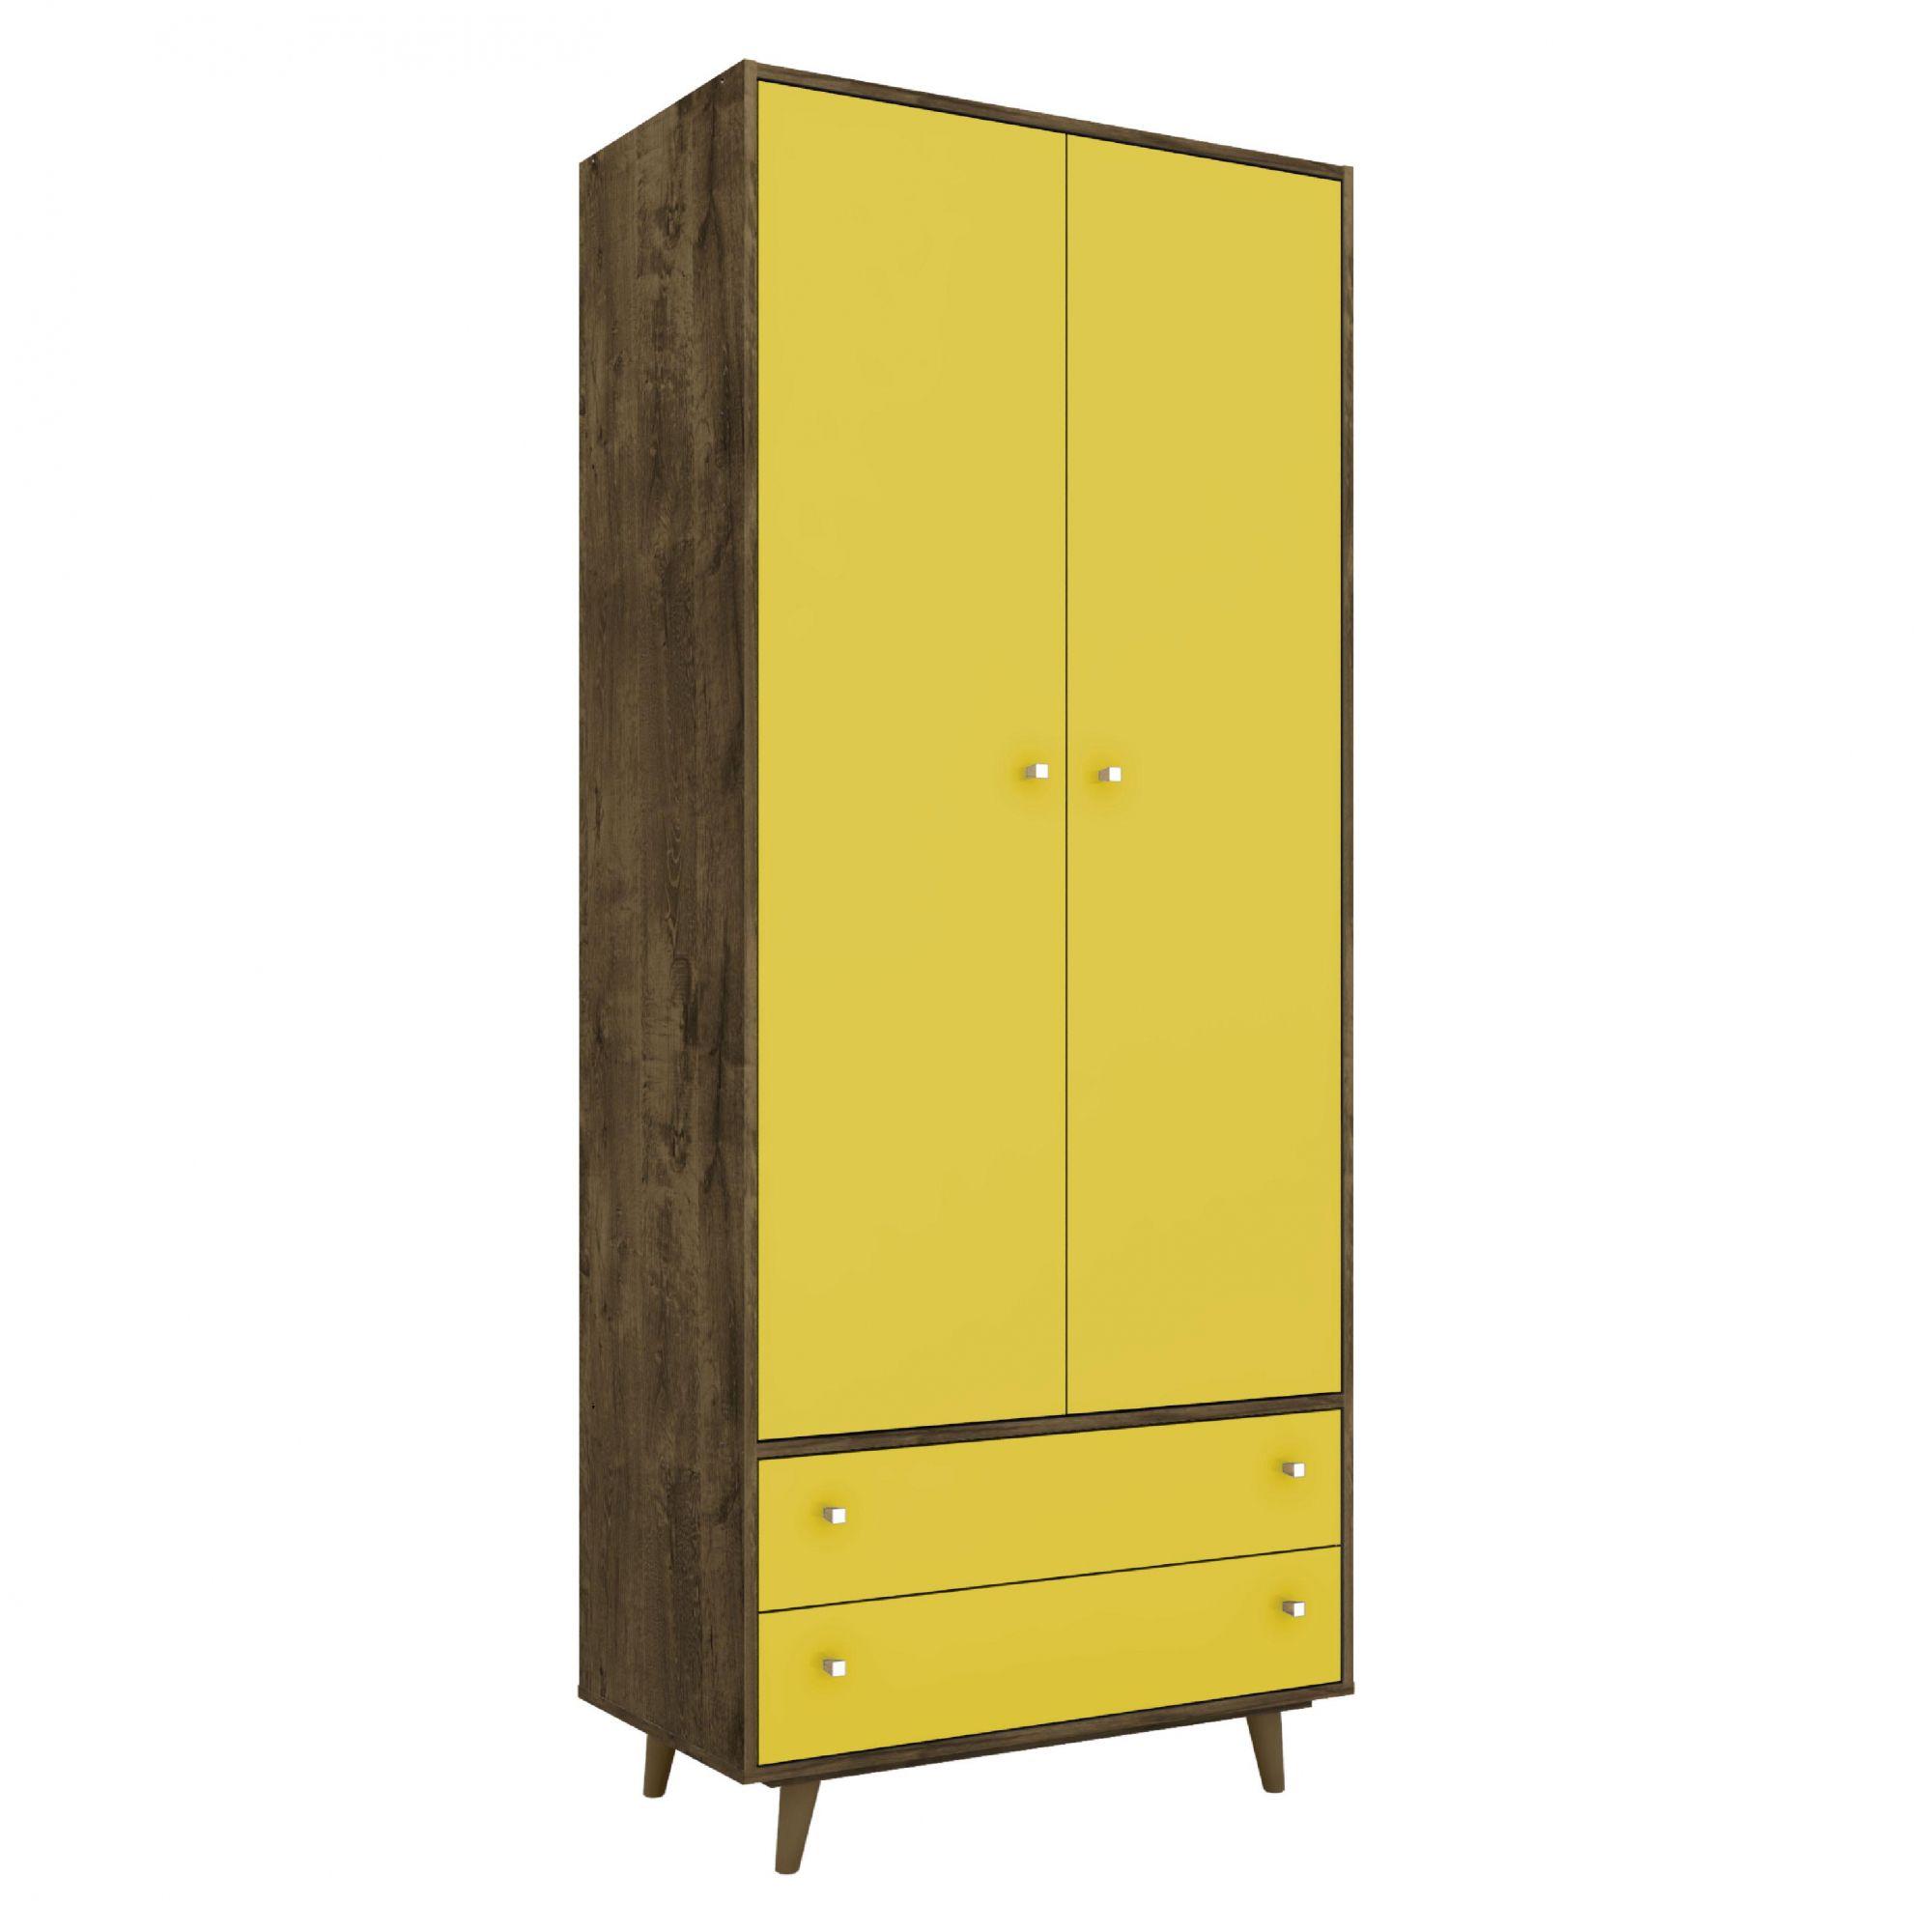 Guarda-Roupa 2 Portas Milão Madeira Rústica / Amarelo - Móveis Bechara